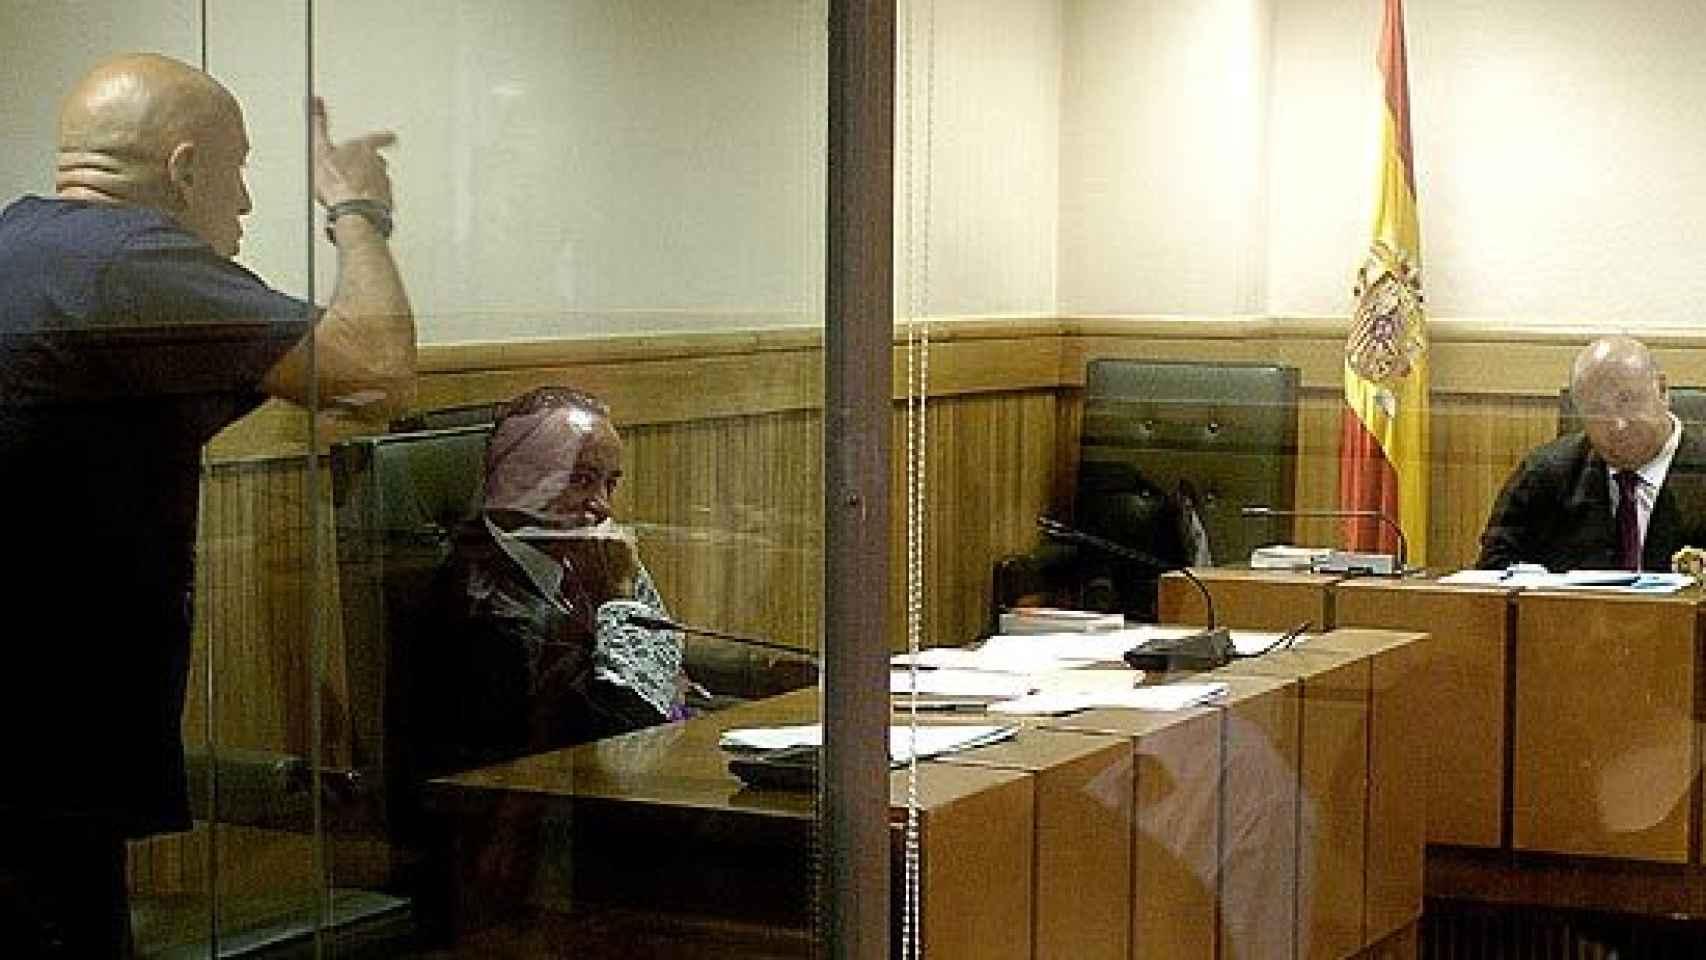 Iñaki Bilbao Goikoetxea profiriendo amenazas de muerte al magistrado que lo juzgaba.